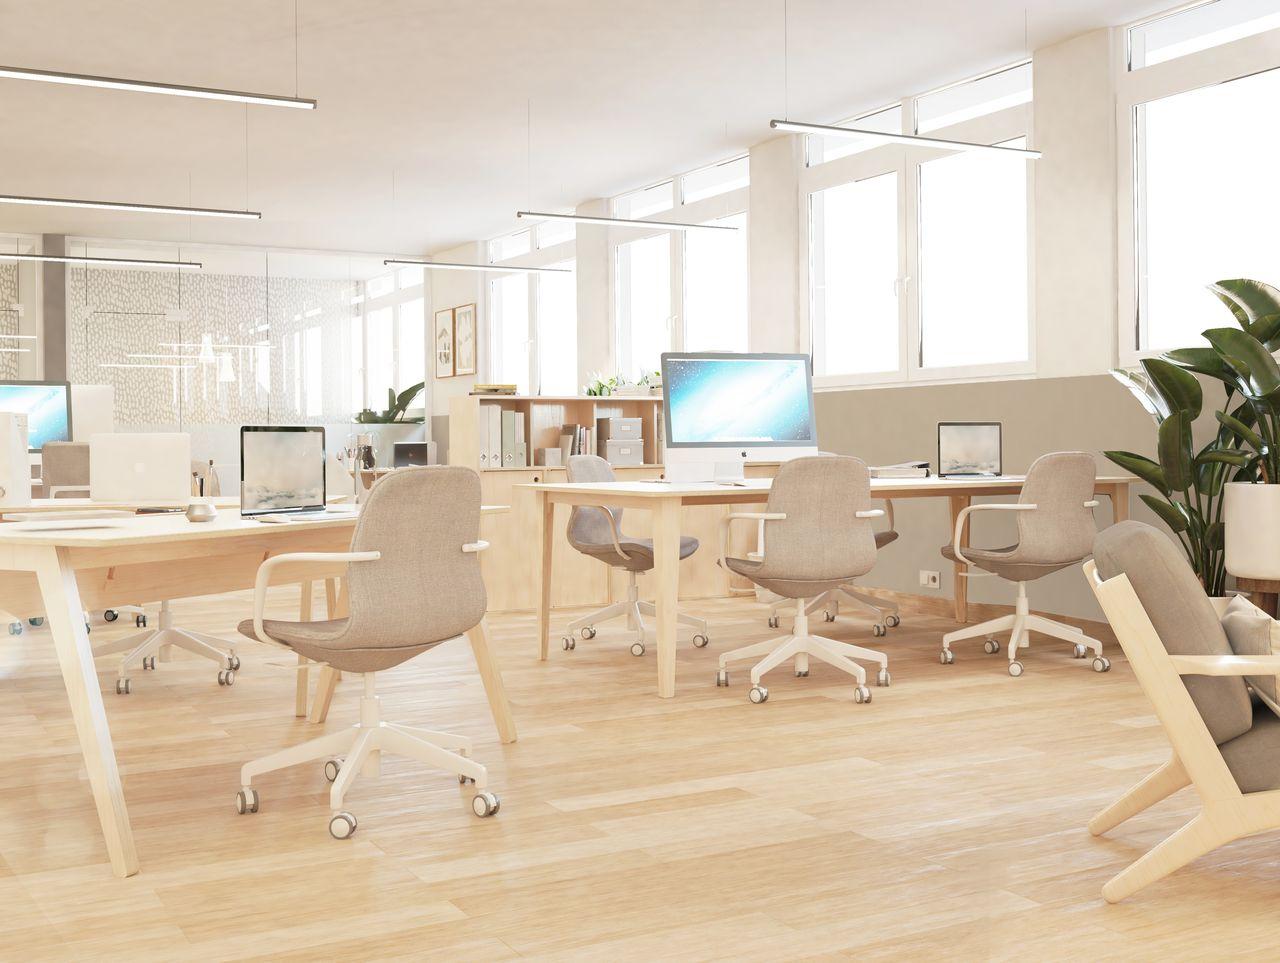 Ordinateurs sur bureaux en bois avec sièges gris dans un open space design d'entreprise